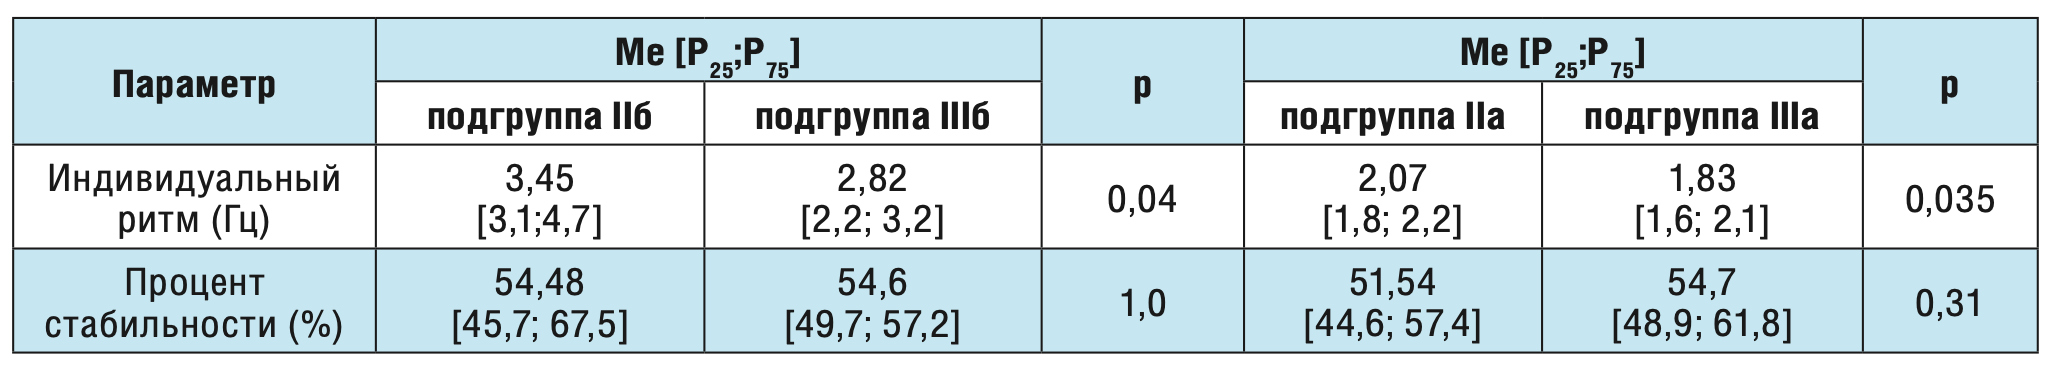 Таблица 3. Сравнительный анализ параметров кистевого теппинга в зависимости от локализации фокуса эпилептиформной активности у пациентов с постинсультной эпилепсией.